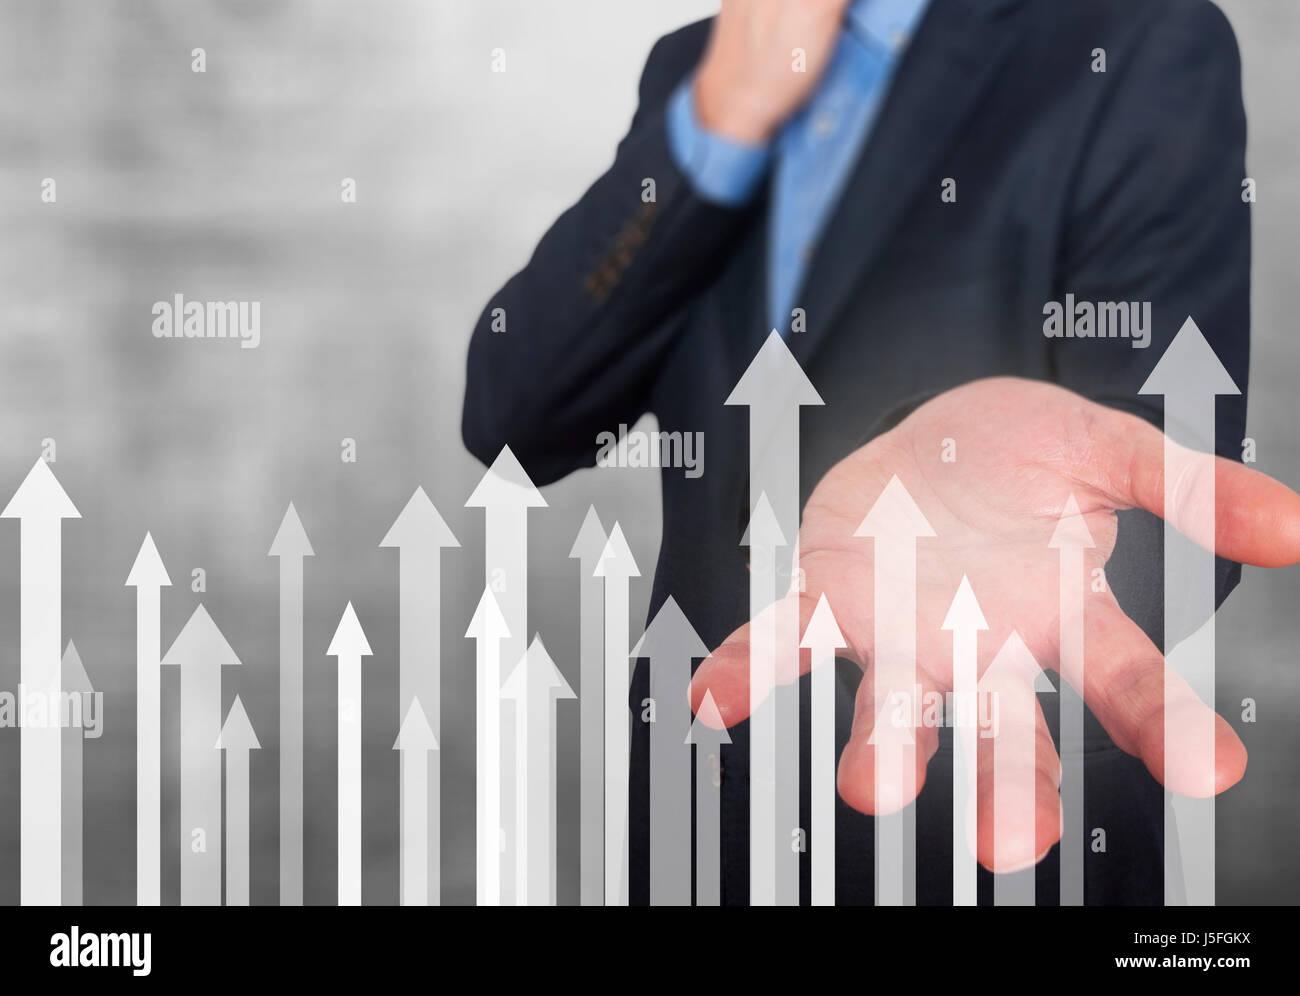 Empresario con símbolos financieros próximos. Negocios, crecimiento, inversión concepto. La mano mostrando las flechas. Foto de stock